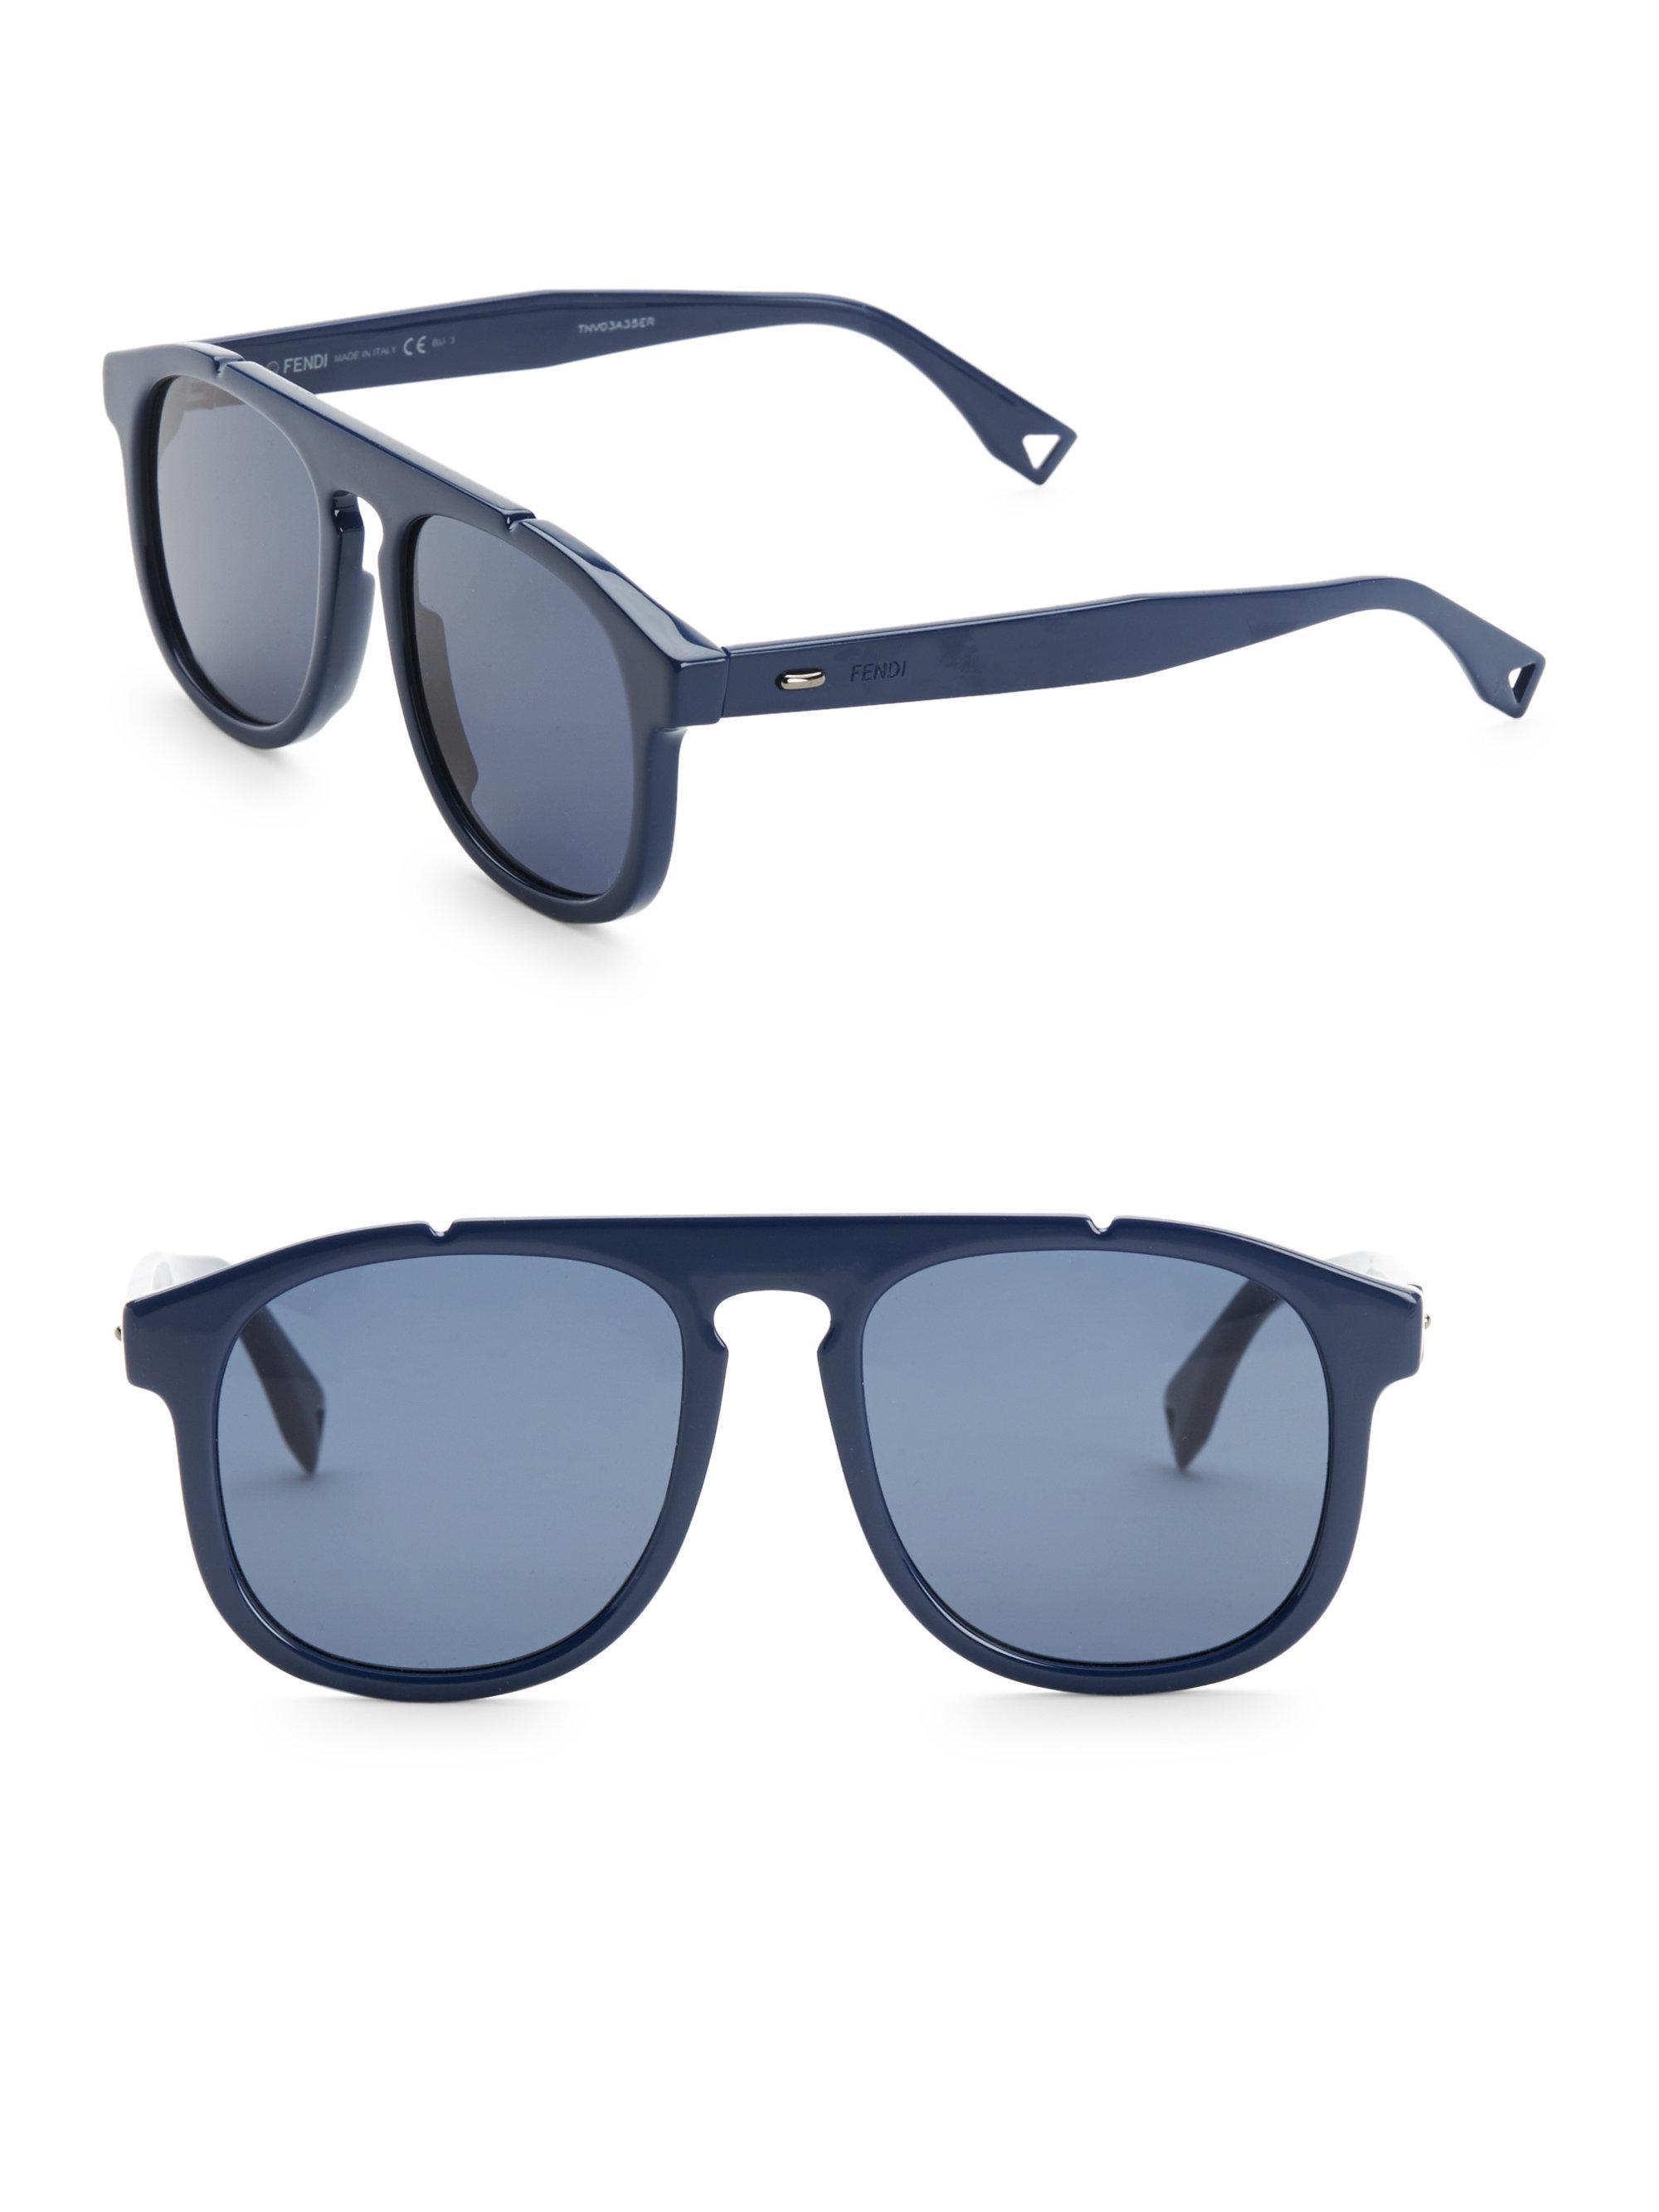 cdecd3d531 Fendi - Blue 54mm Pilot Sunglasses for Men - Lyst. View fullscreen